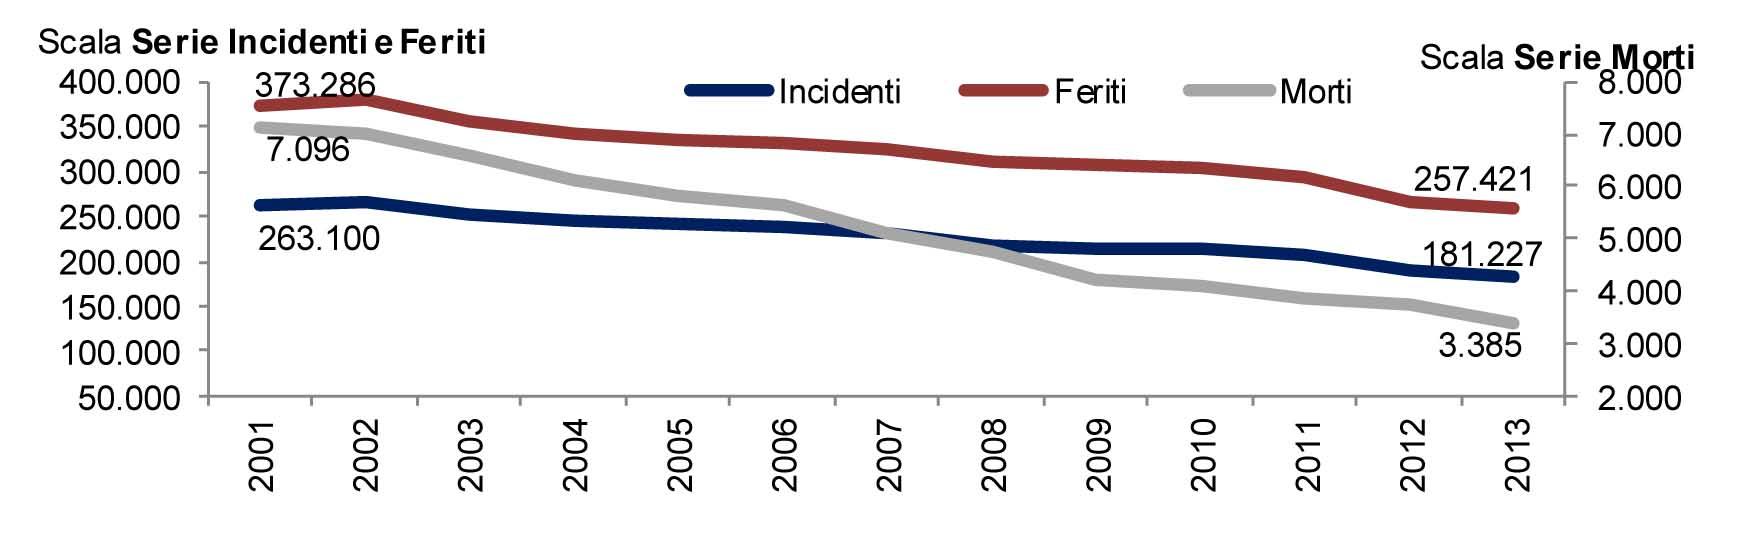 incidenti stradali andamento 2001-2013 1